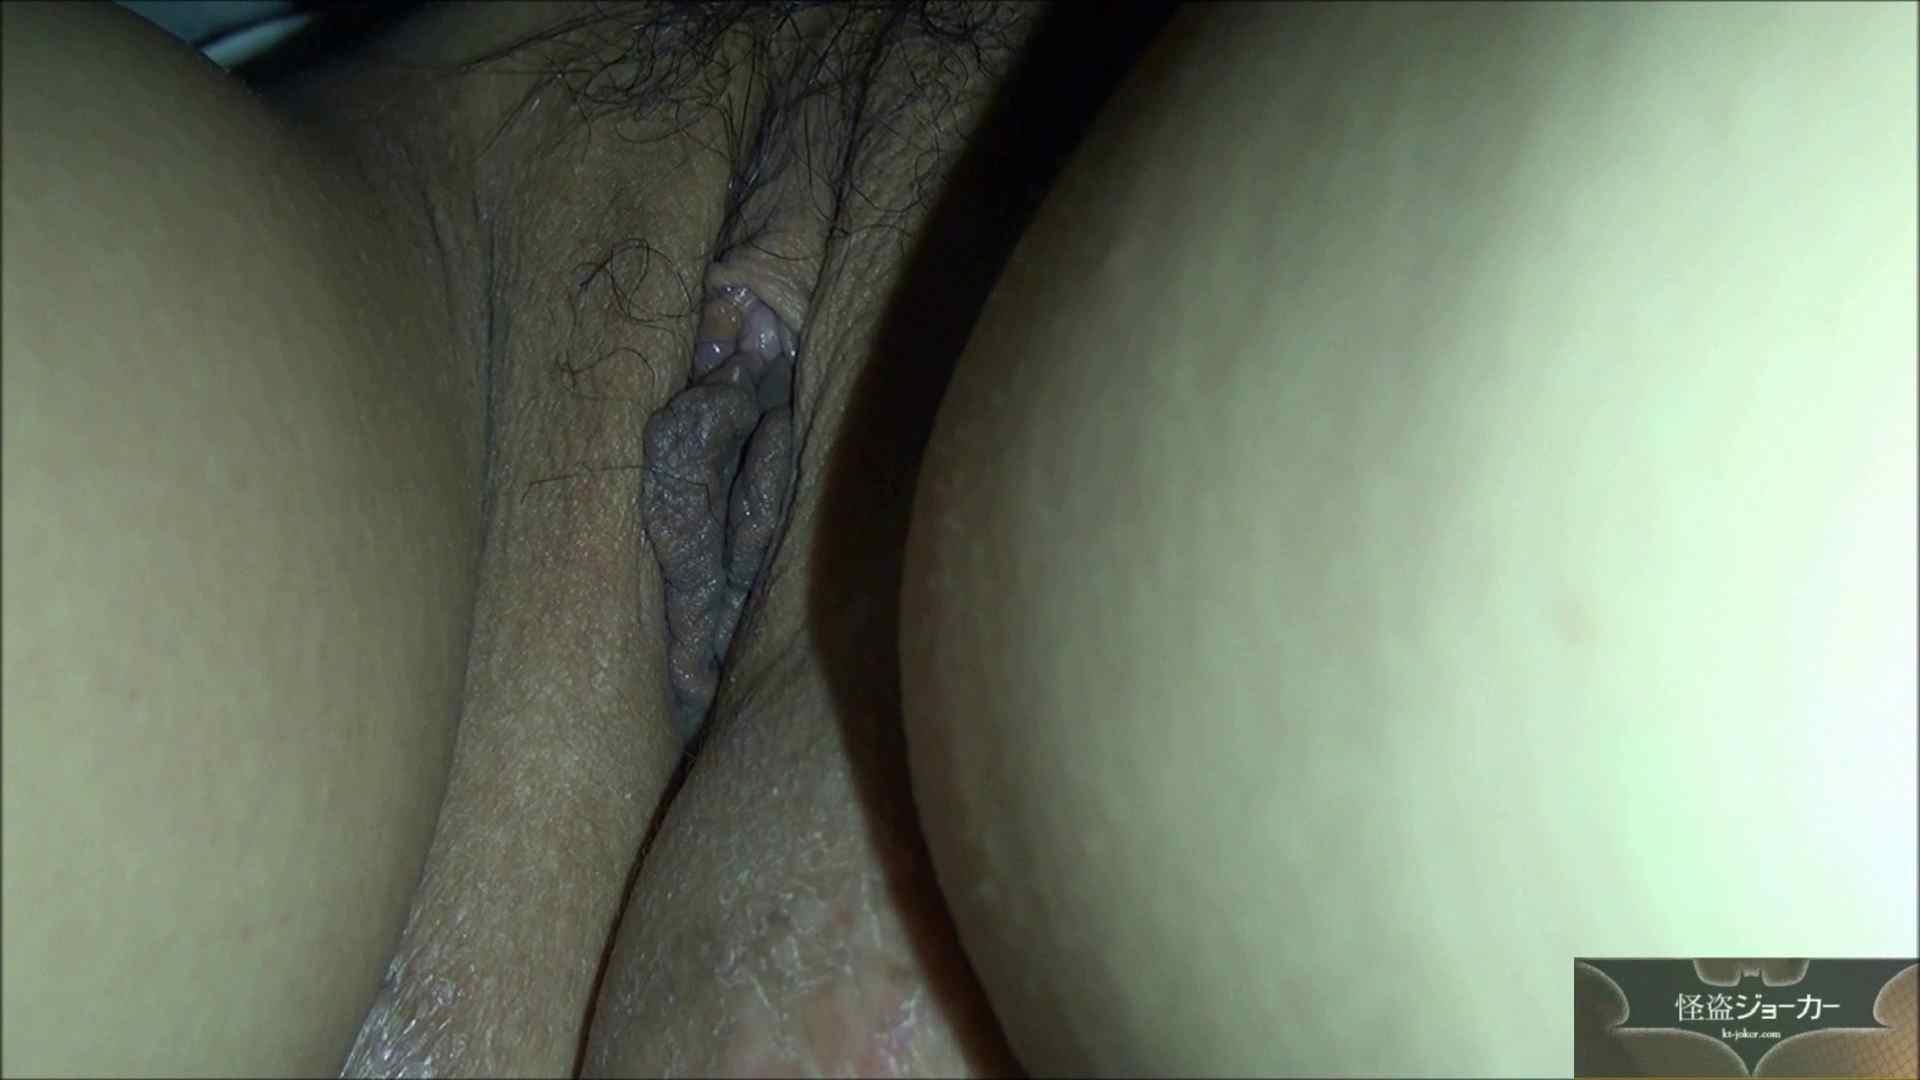 【未公開】vol.19 女末のはしゃぐ姿・・・そして戯びのつもりが思いもよらぬ失態 丸見え セックス画像 85画像 58